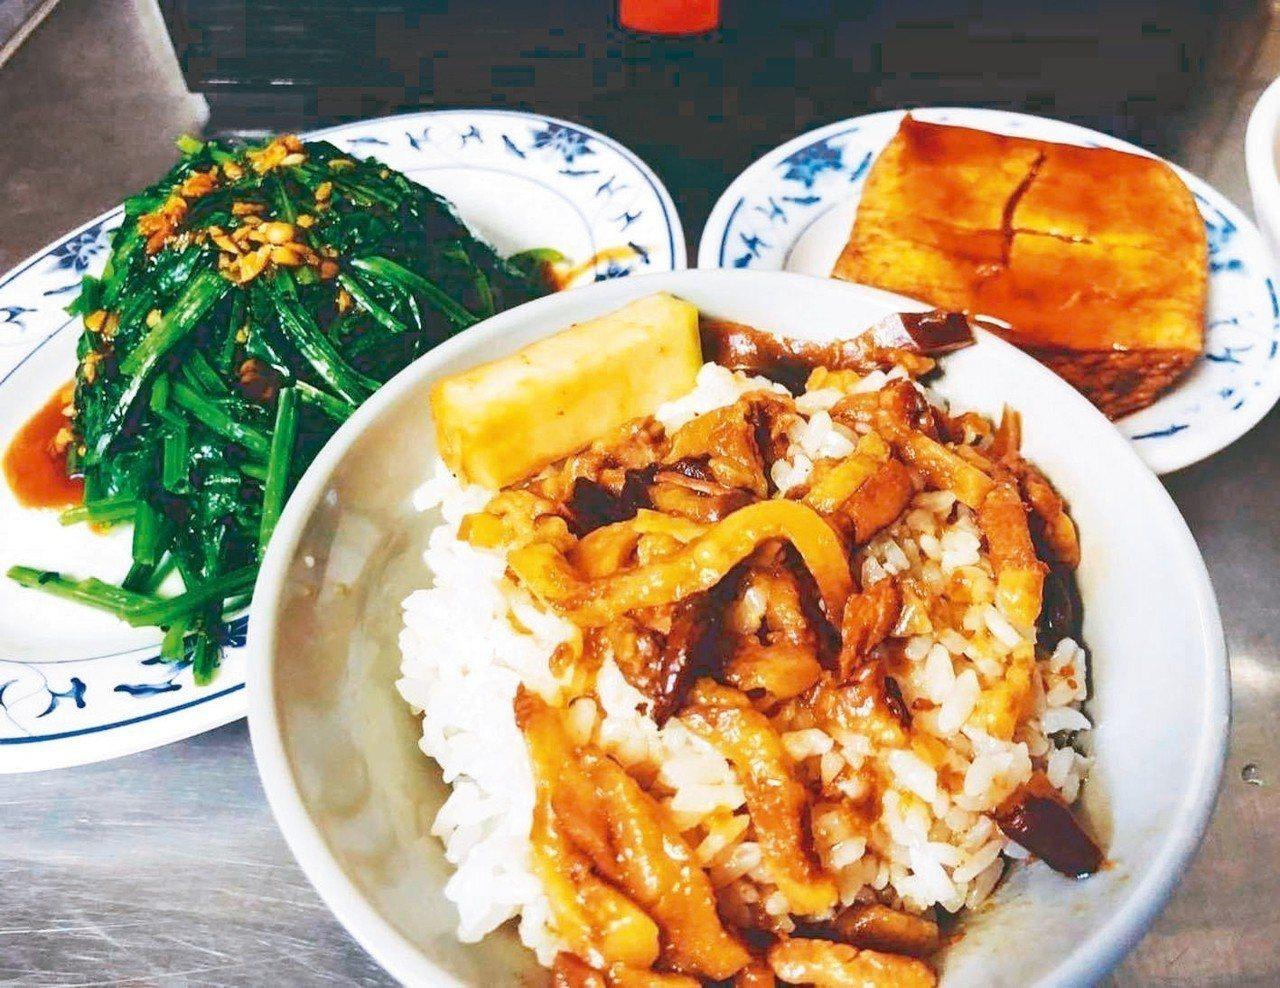 金峰滷肉飯在網路的討論度極高。 圖/網友tohatopotato授權使用